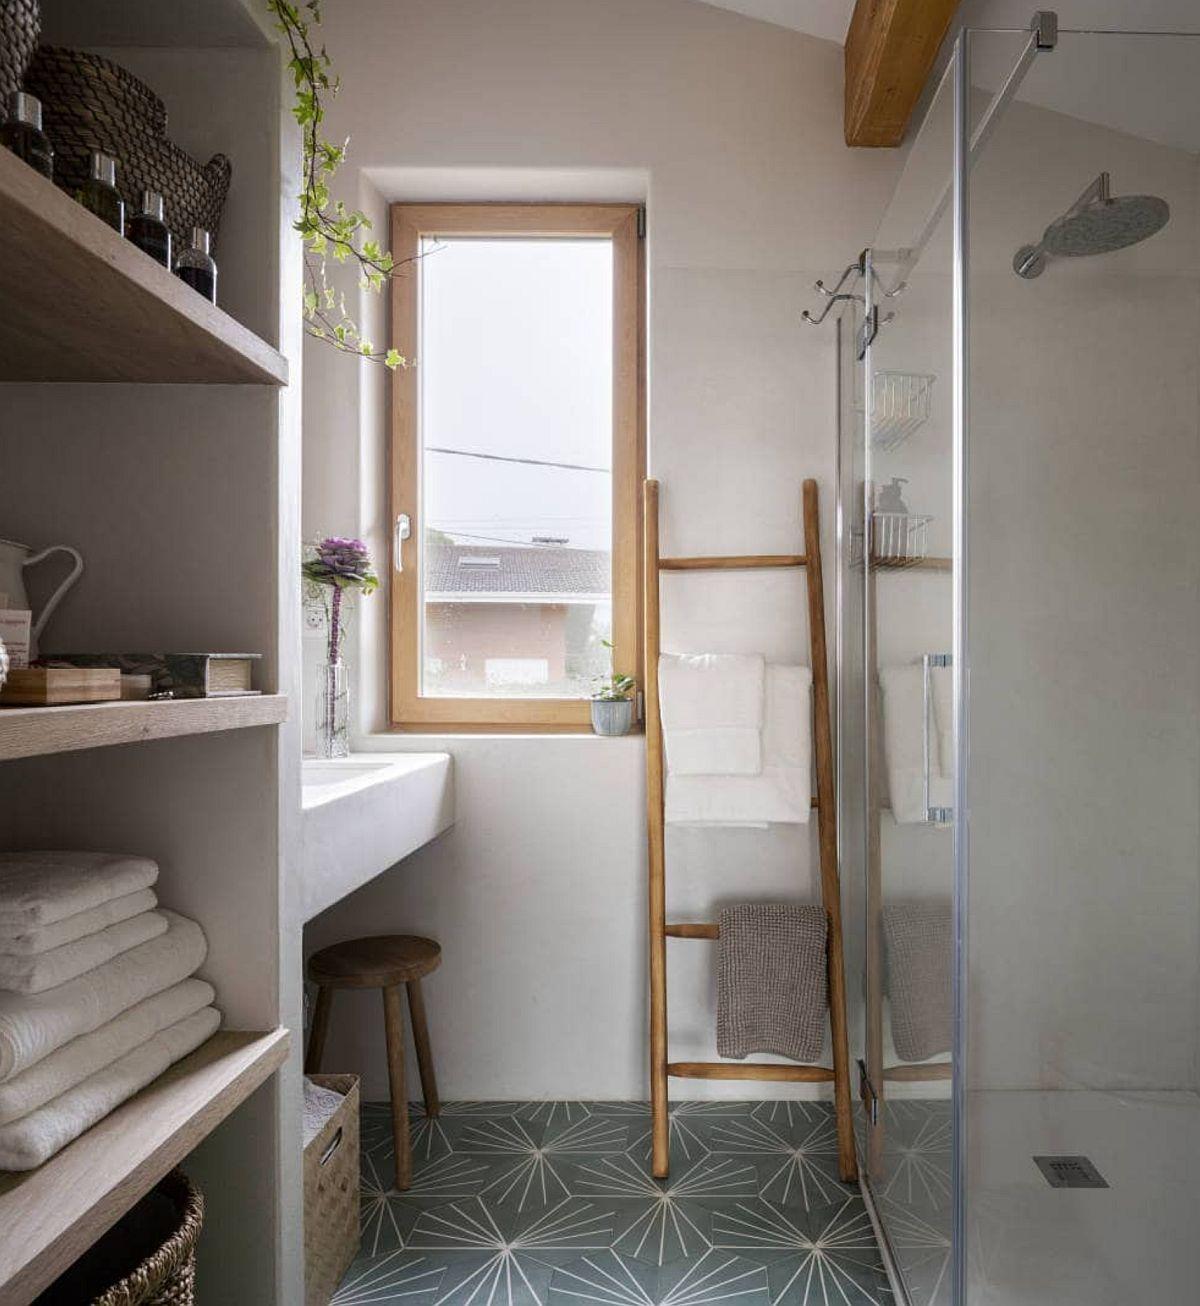 Baia de la etaj este amenajată în relație cu ambientul rustic al casei.